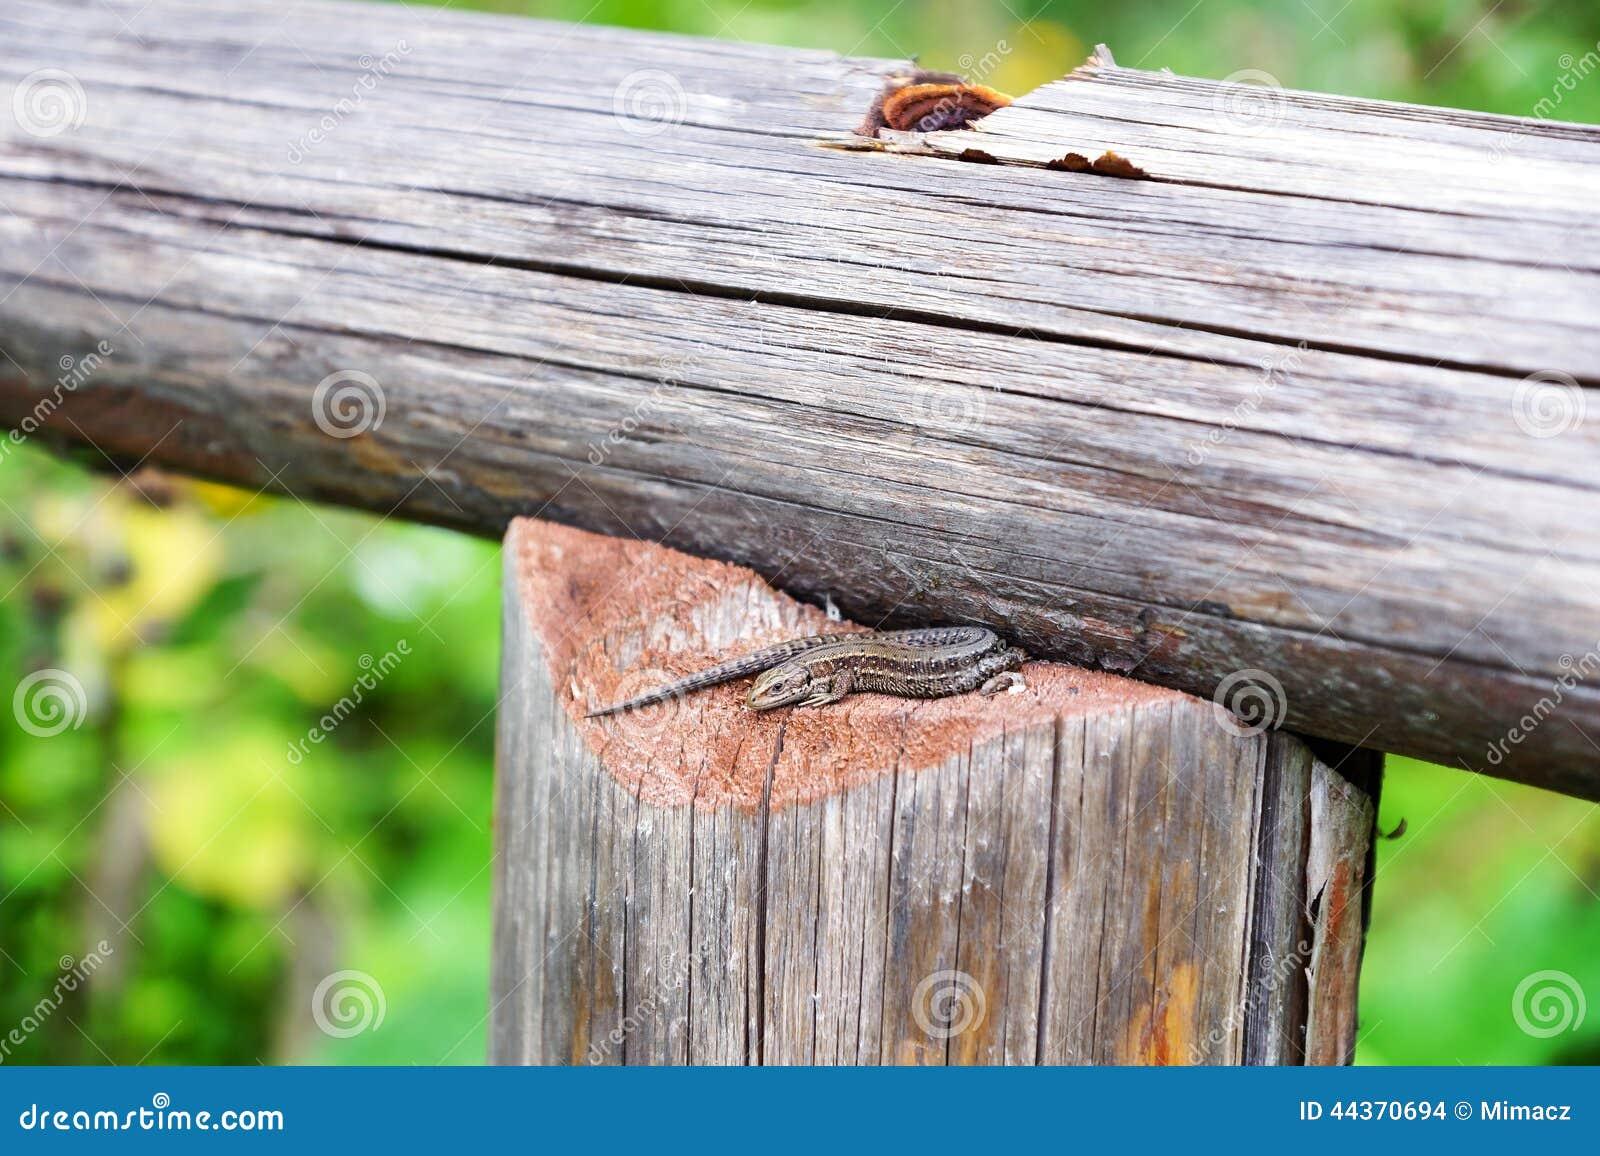 Piccola lucertola marrone